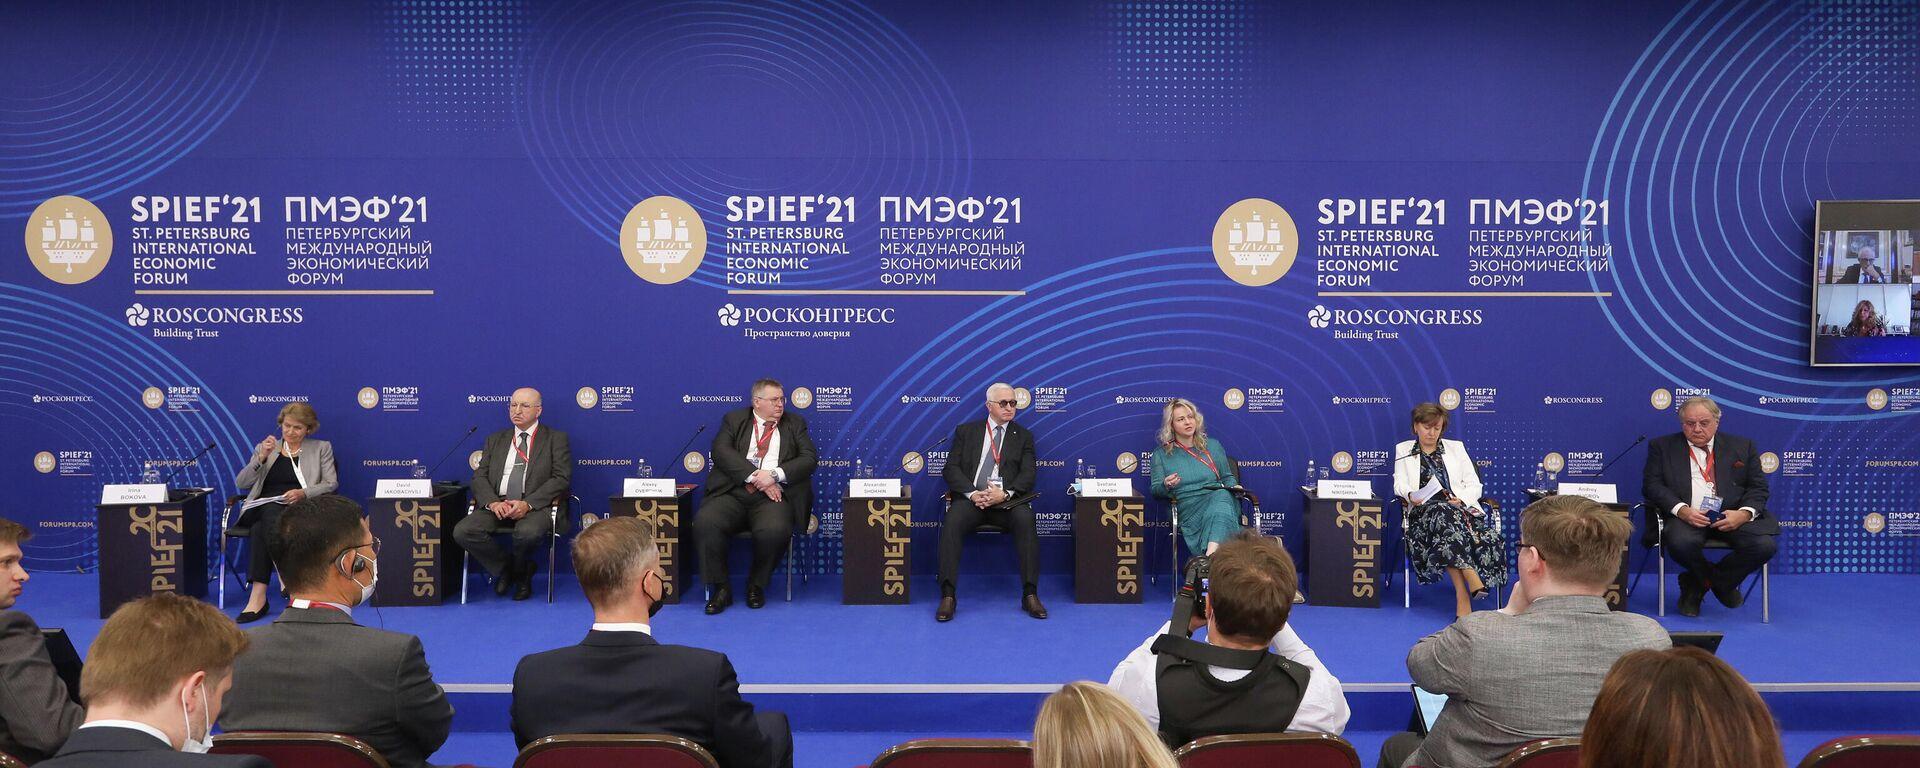 La sessione dello SPIEF dedicata alla cooperazione all'interno del B20 per superare le difficoltà post pandemia - Sputnik Italia, 1920, 03.06.2021